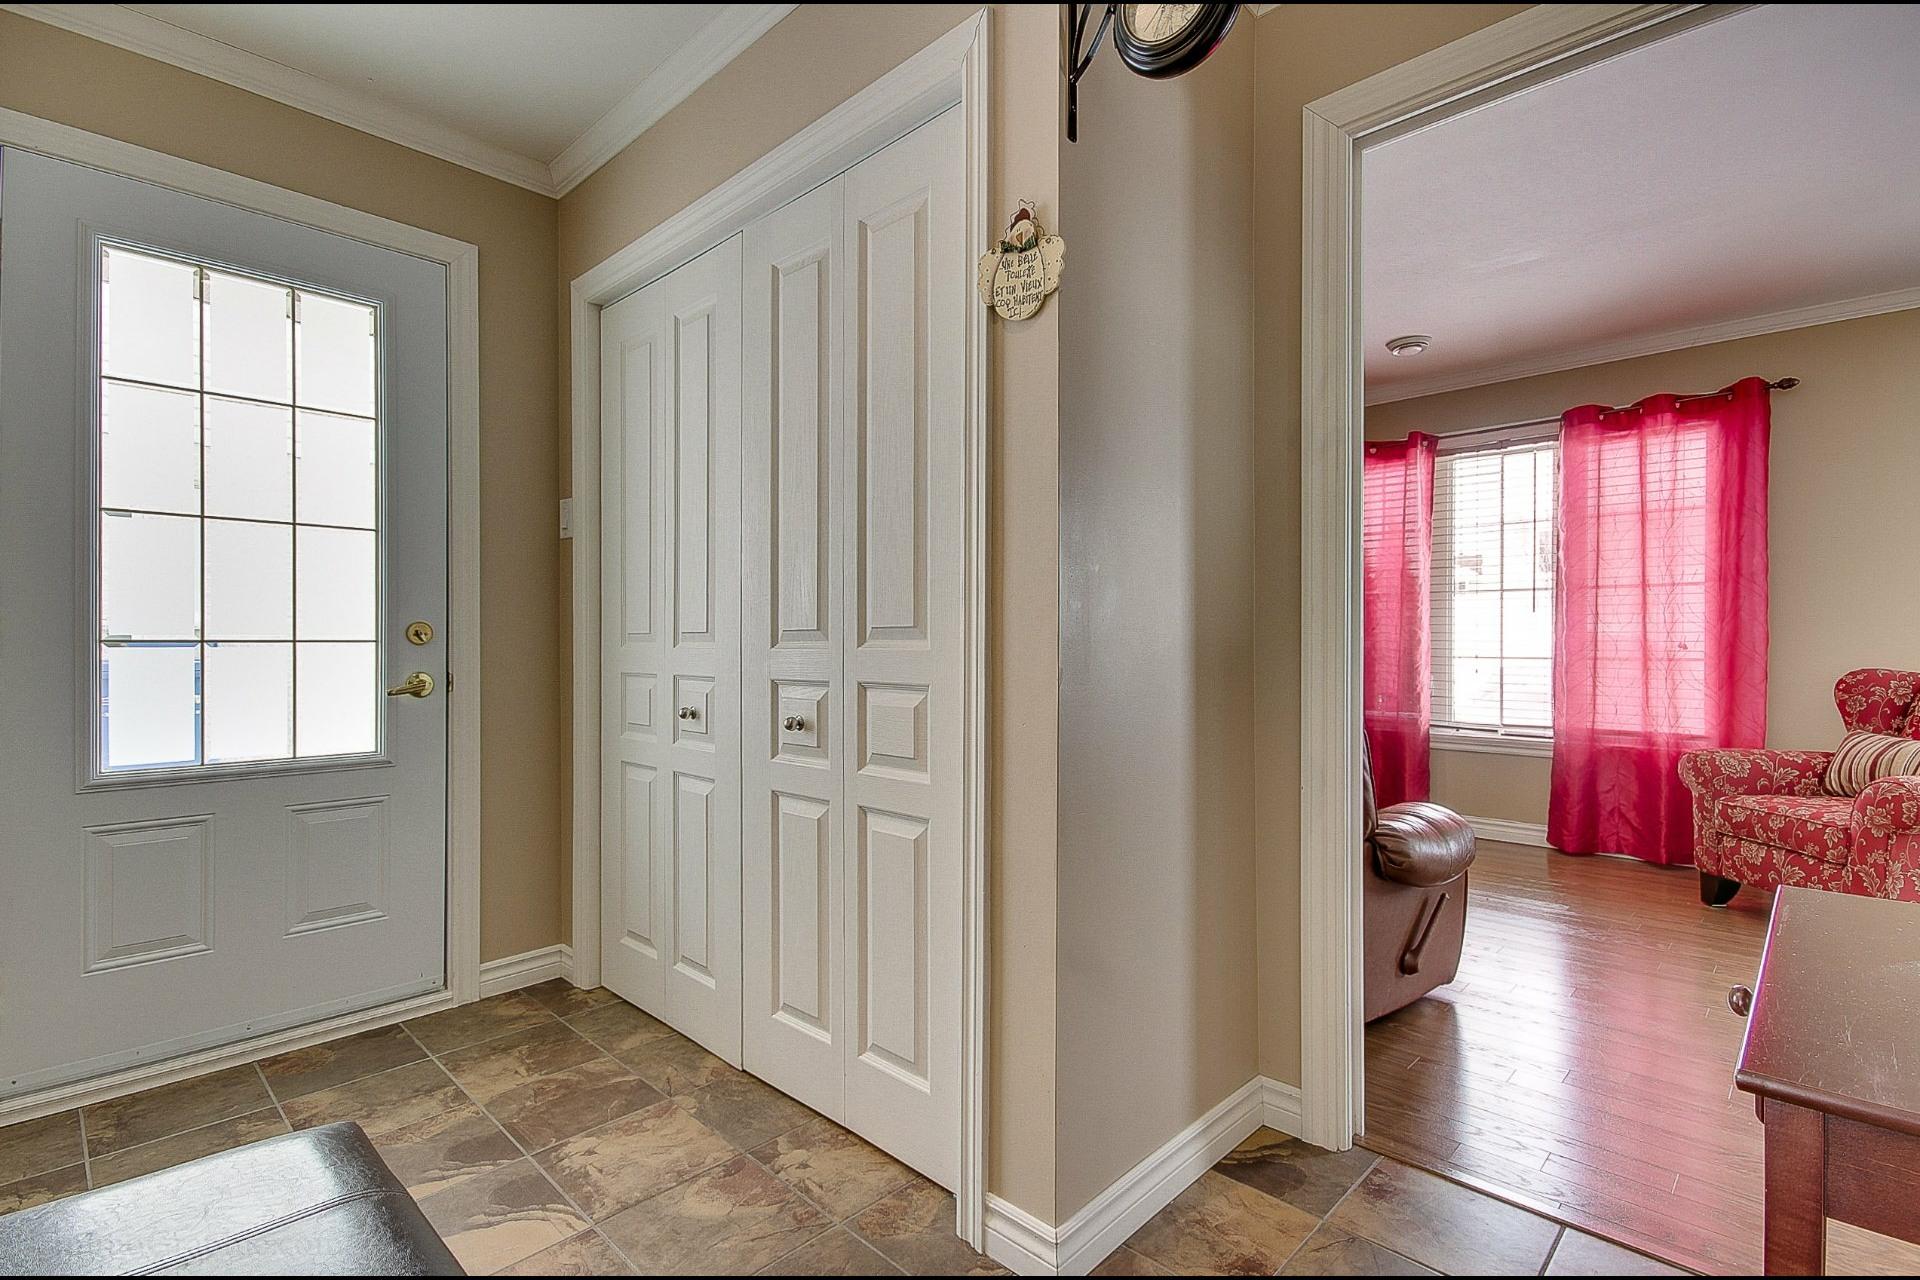 image 1 - Appartement À vendre Trois-Rivières - 9 pièces